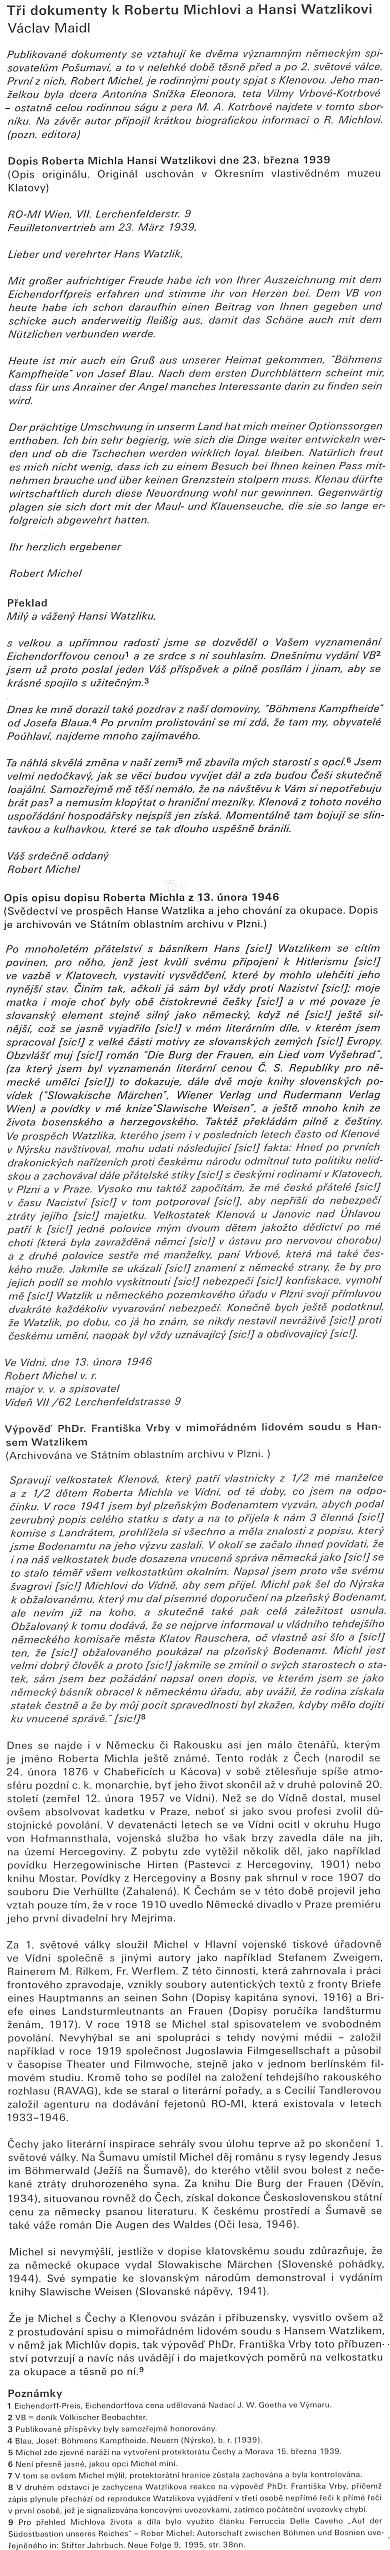 O něm v textu Marie Anny Kotrbové o majitelích panství Klenová, na který navazuje obsáhlý referát Václava Maidla ovztazích Roberta Michela s Hansem Watzlikem